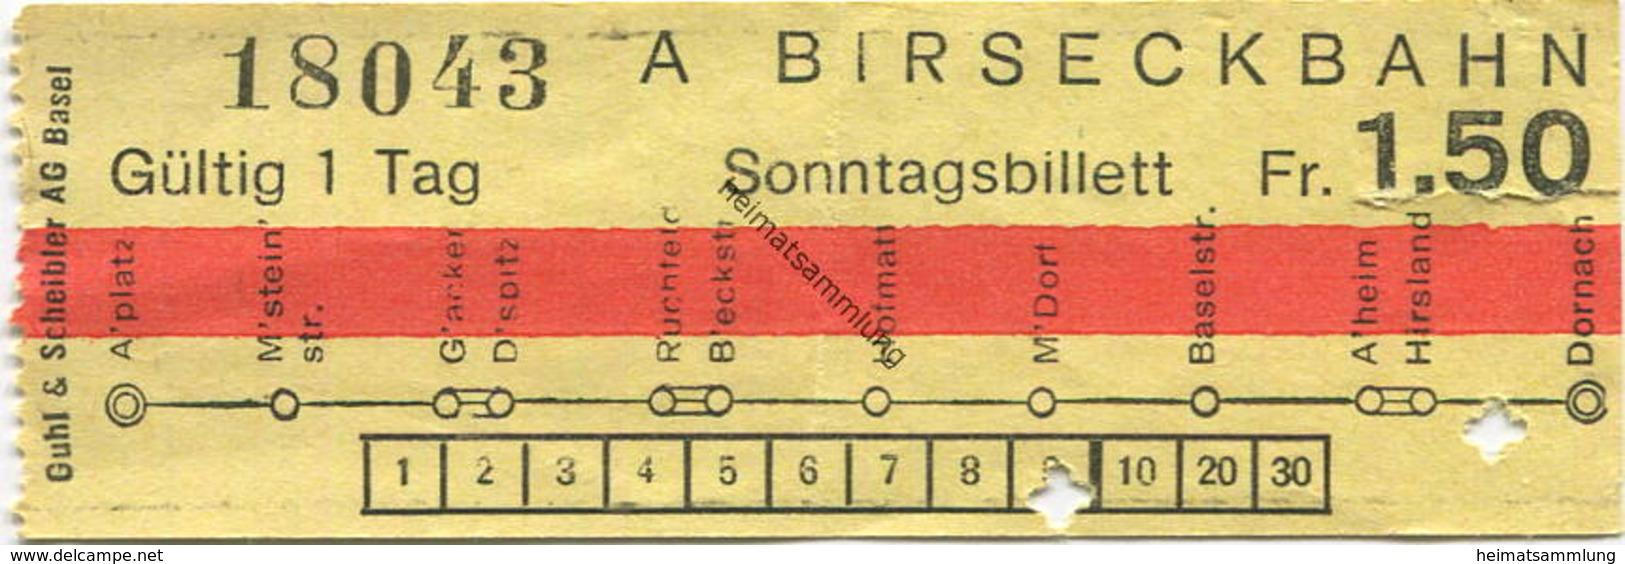 Schweiz - Birseckbahn - Sonntagsbillett - Fahrschein Fr. 1.50 - Wochen- U. Monatsausweise